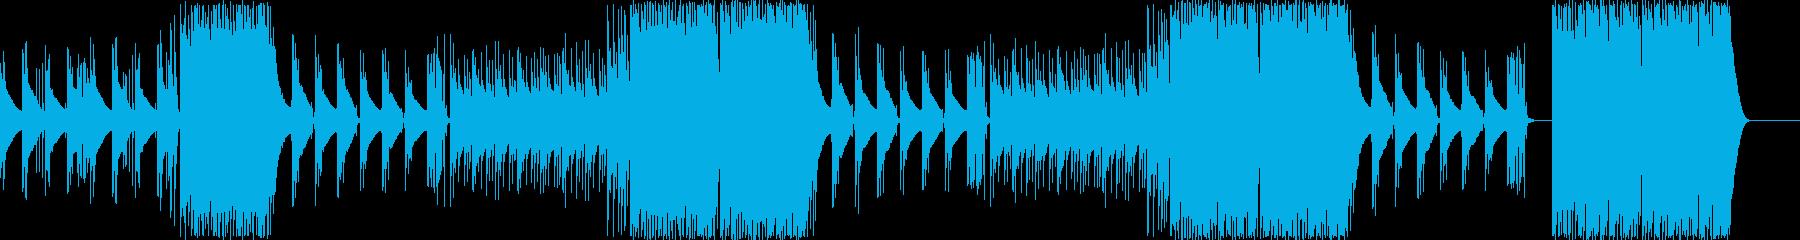 ラテン系ギター/哀愁/重低音/大人/#1の再生済みの波形